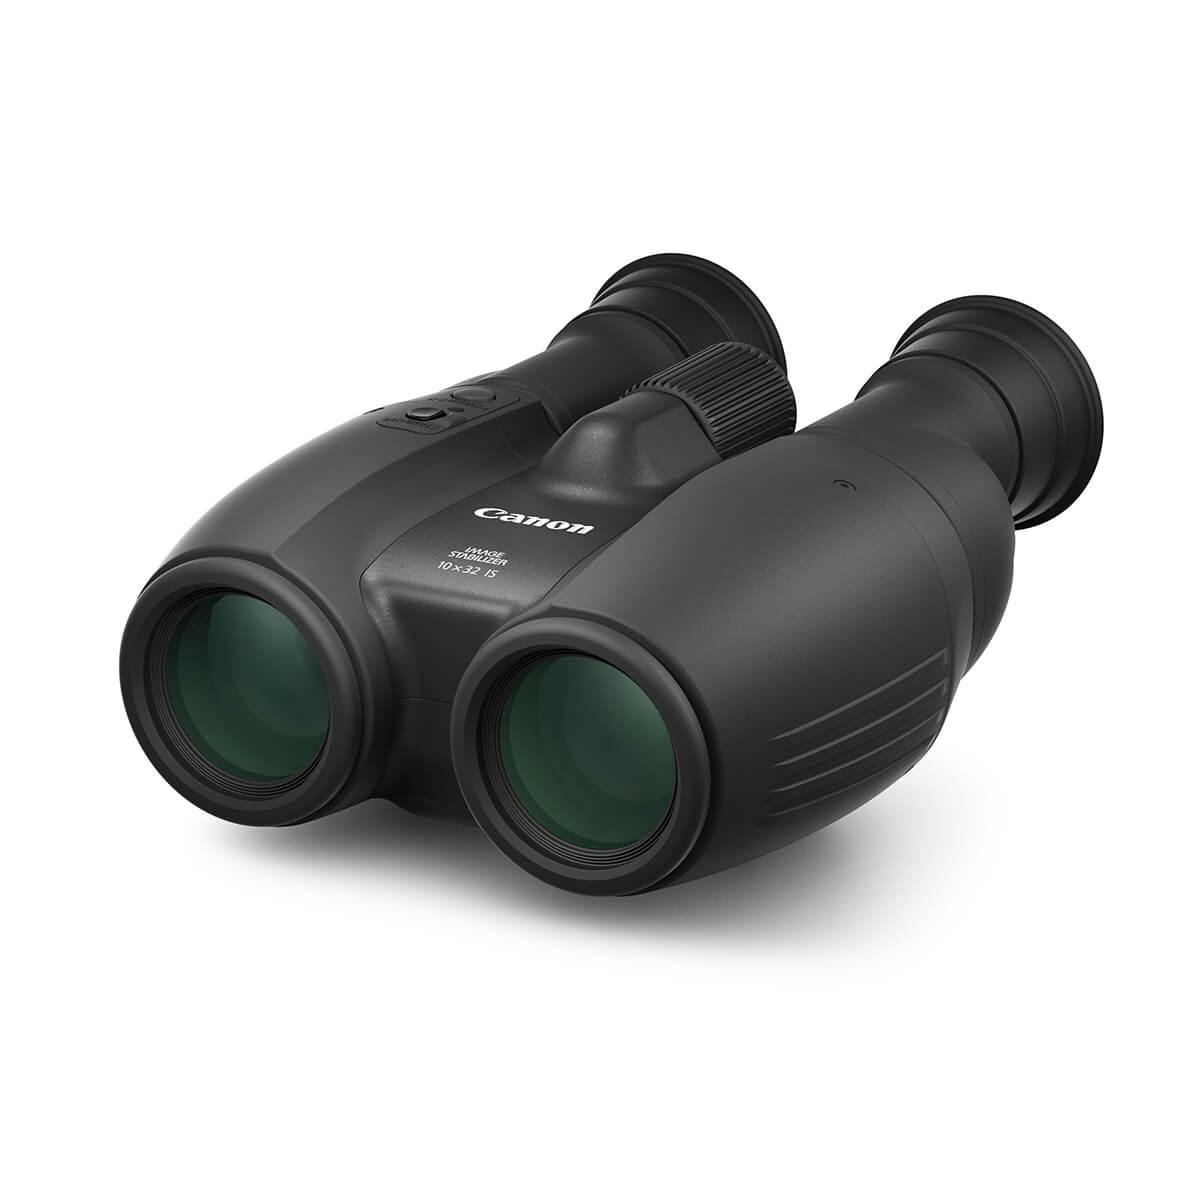 Canon 10x32 binoculars hero image